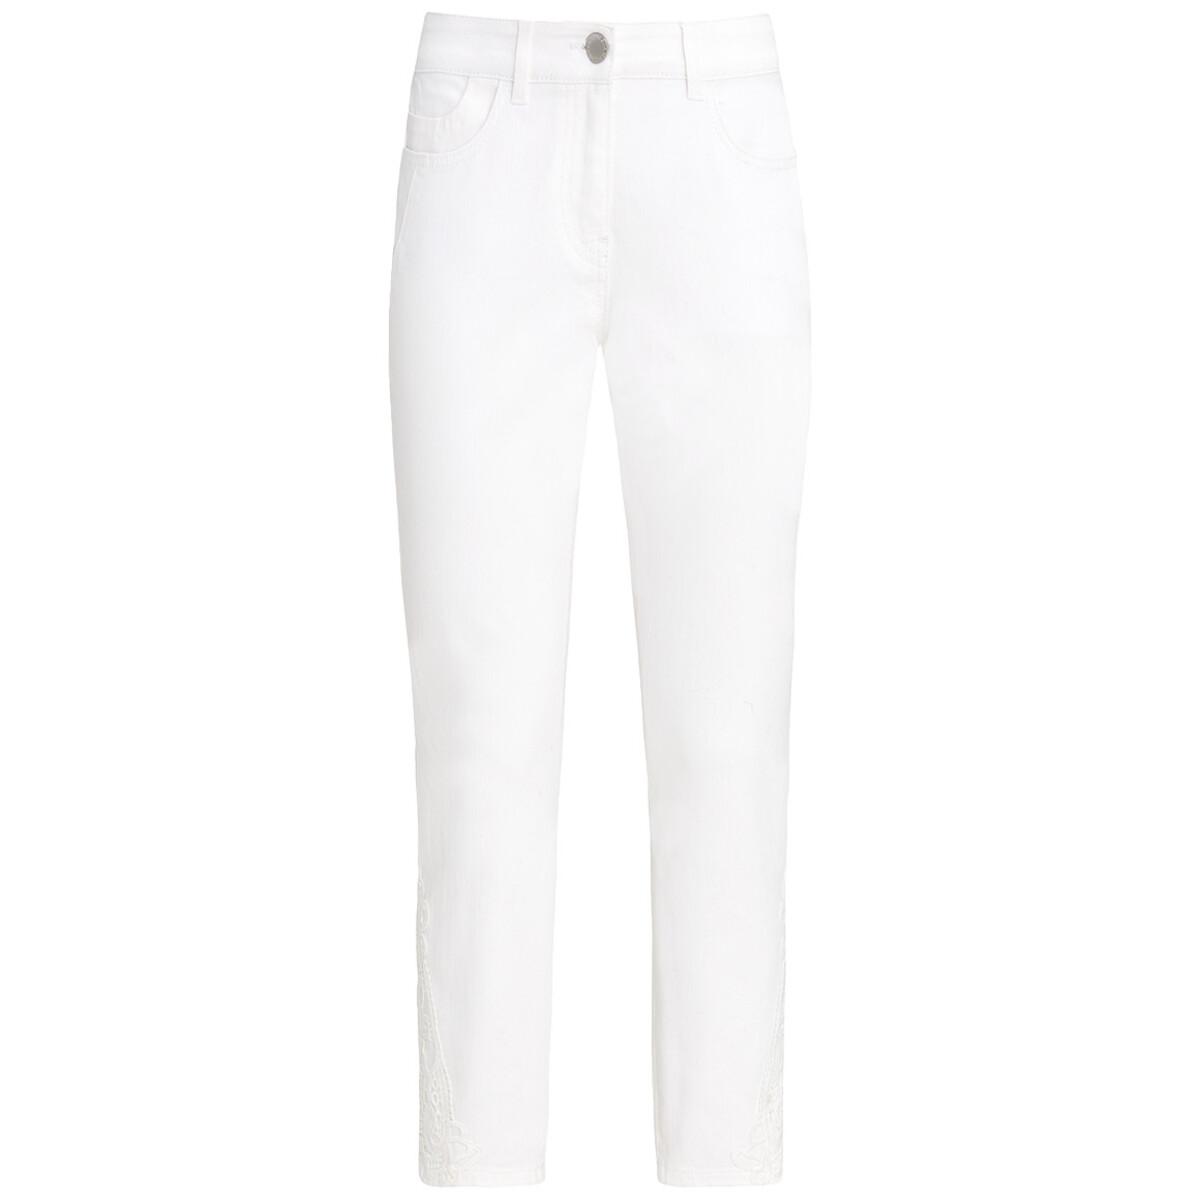 Bild 1 von 7/8 Damen Slim-Jeans mit Spitze